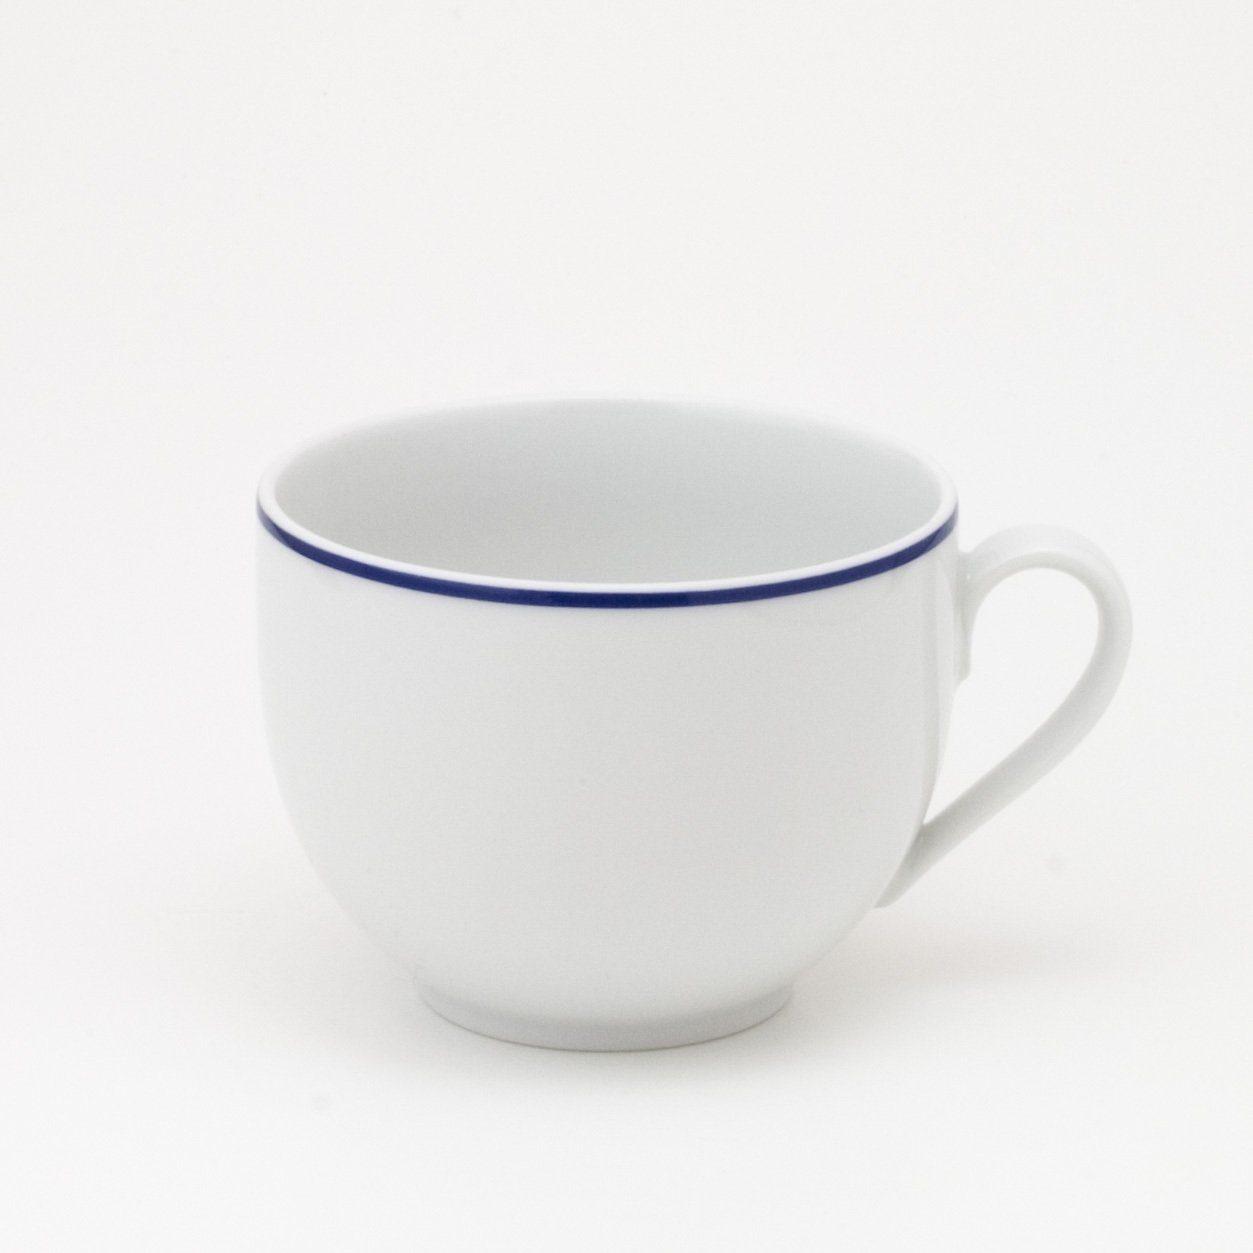 Kahla Kaffee-Obertasse »Aronda Blaue Linie«